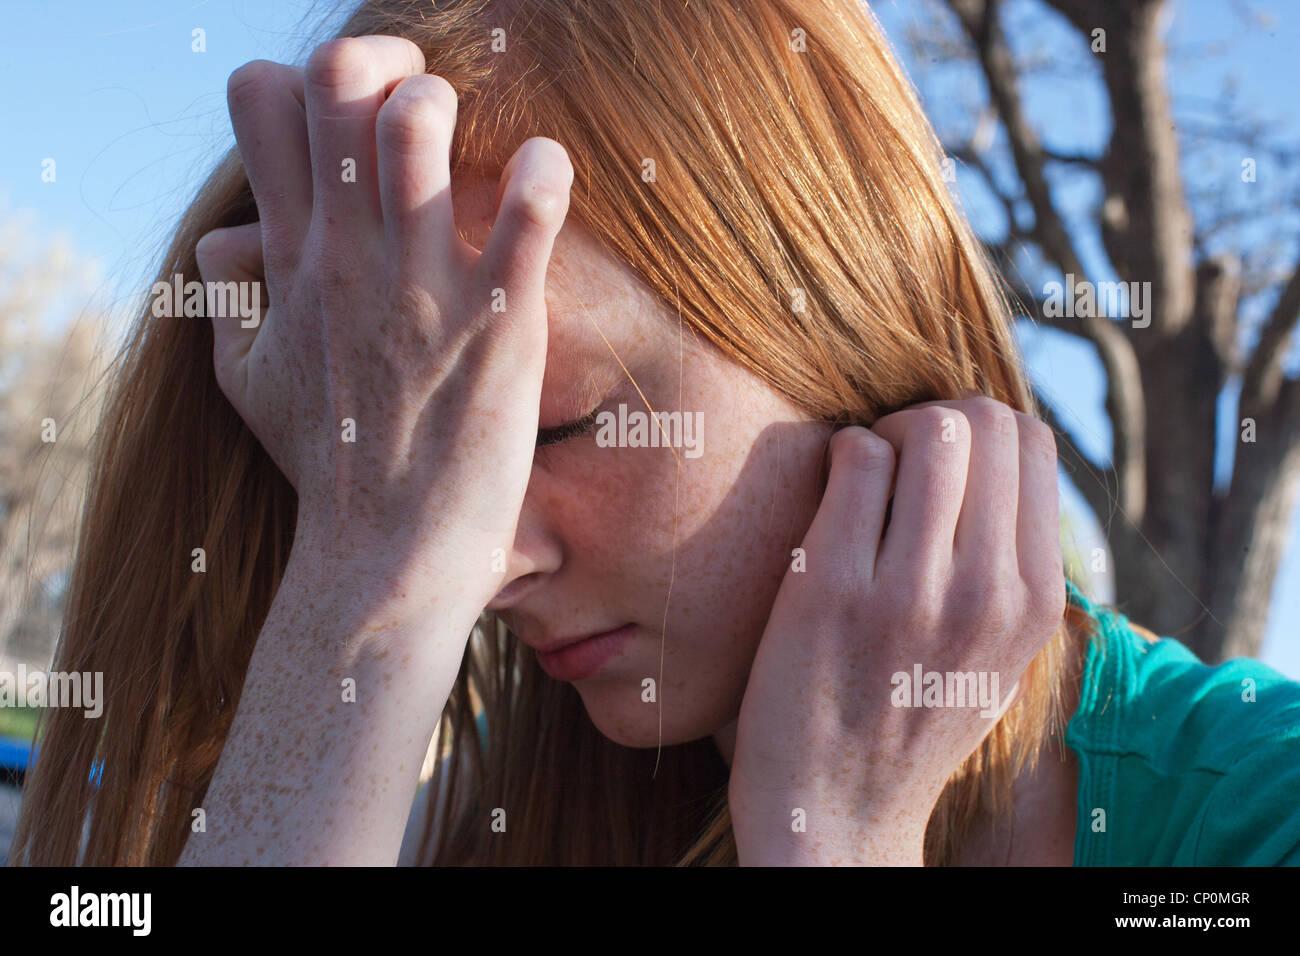 Près d'une jeune fille de seize ans en situation d'anxiété et couvrant son visage avec ses mains à l'extérieur. Banque D'Images